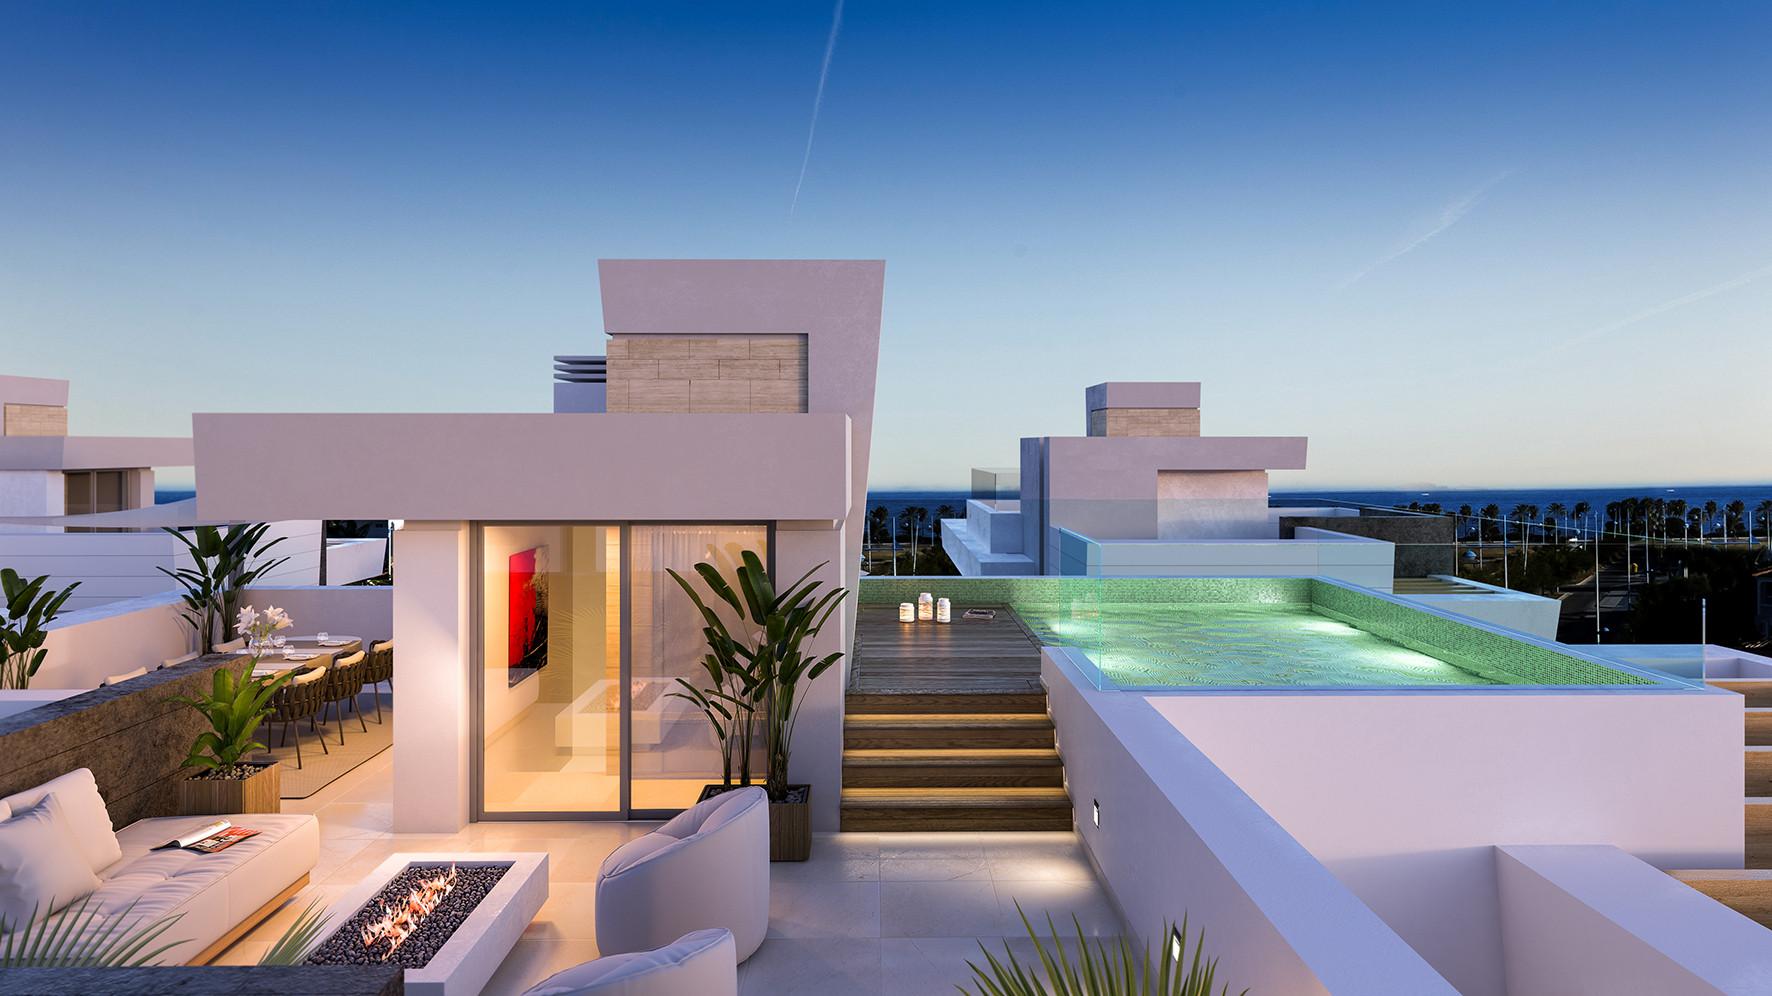 Deluxe contemporary beachside villas for sale in San Pedro de Alcántara